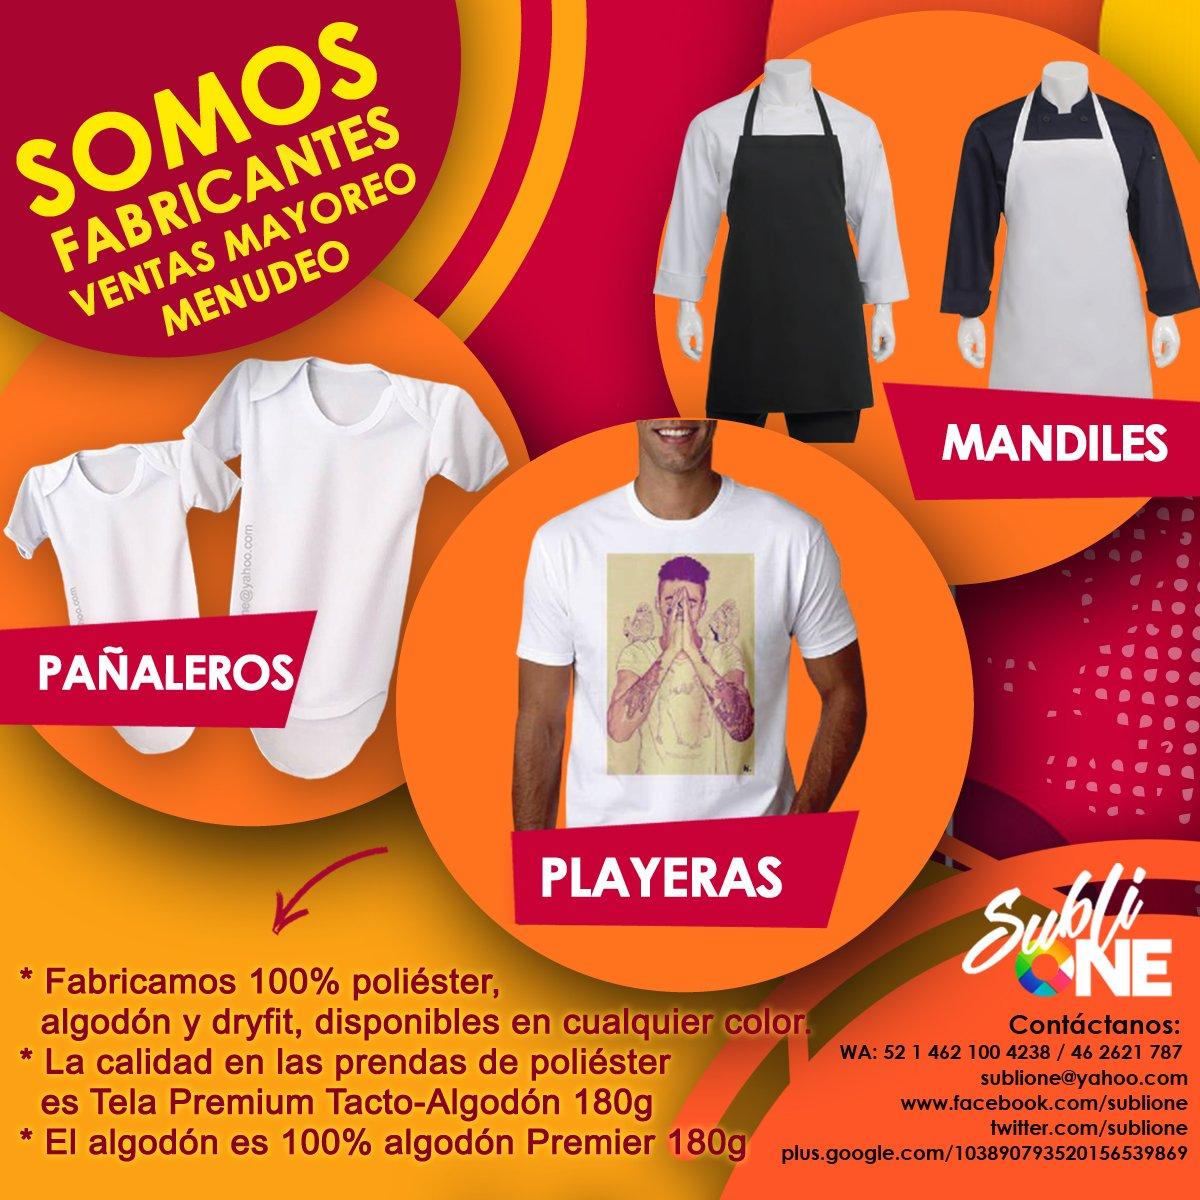 fb1370b3d01ba   Ventas Mayoreo y Menudeo     Mandiles  Pañaleros  Playeras. ¡No Te Puedes  Perder!.  Fabricantes  Mandiles  Pañaleros  Playeras  SubliOne  Mayoreo   Menudeo ...